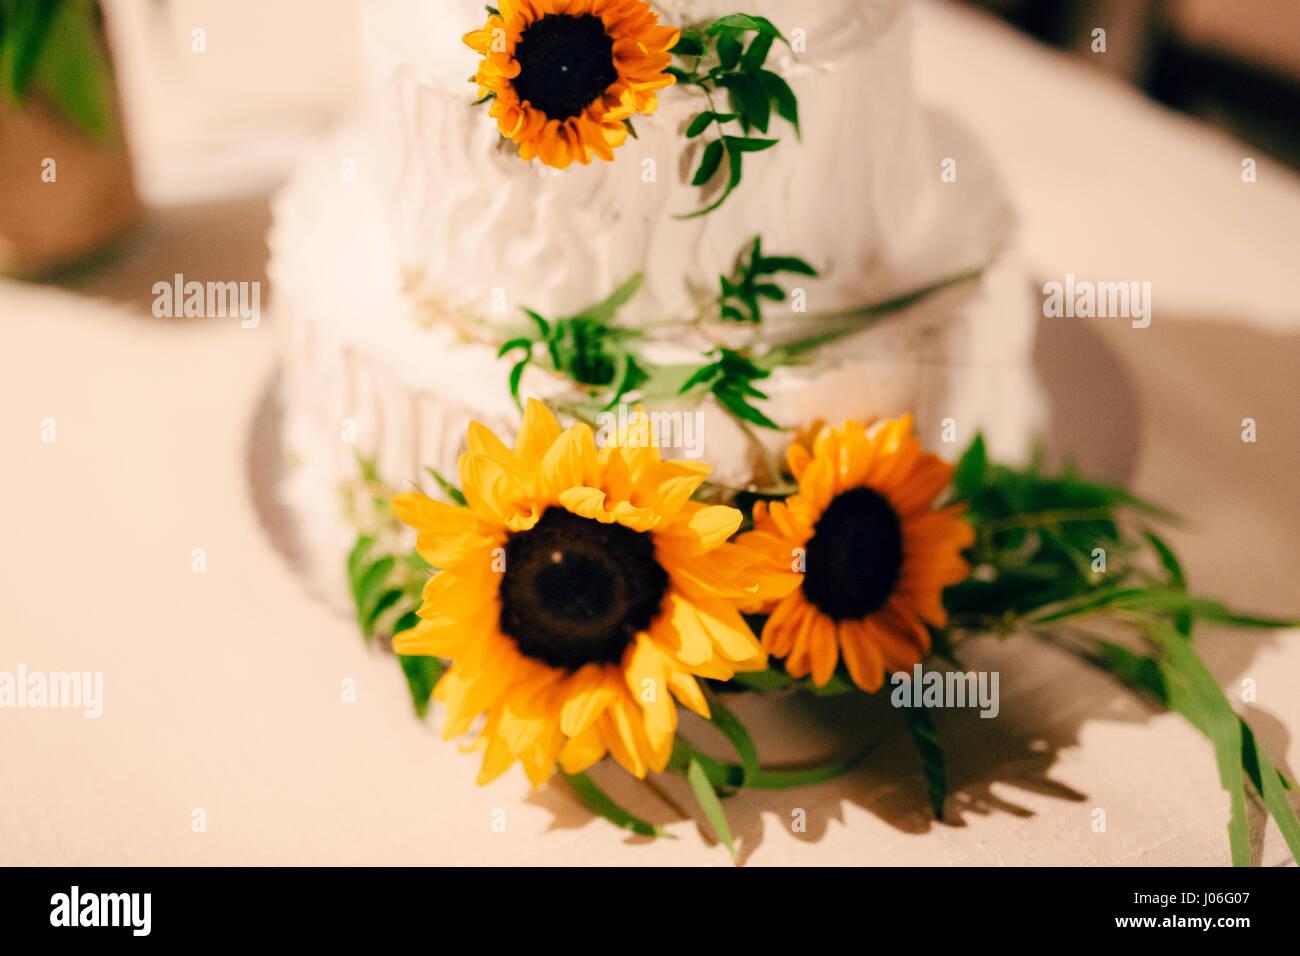 Torte Matrimonio Girasoli : Torta nuziale decorata con fiori di girasole foto & immagine stock